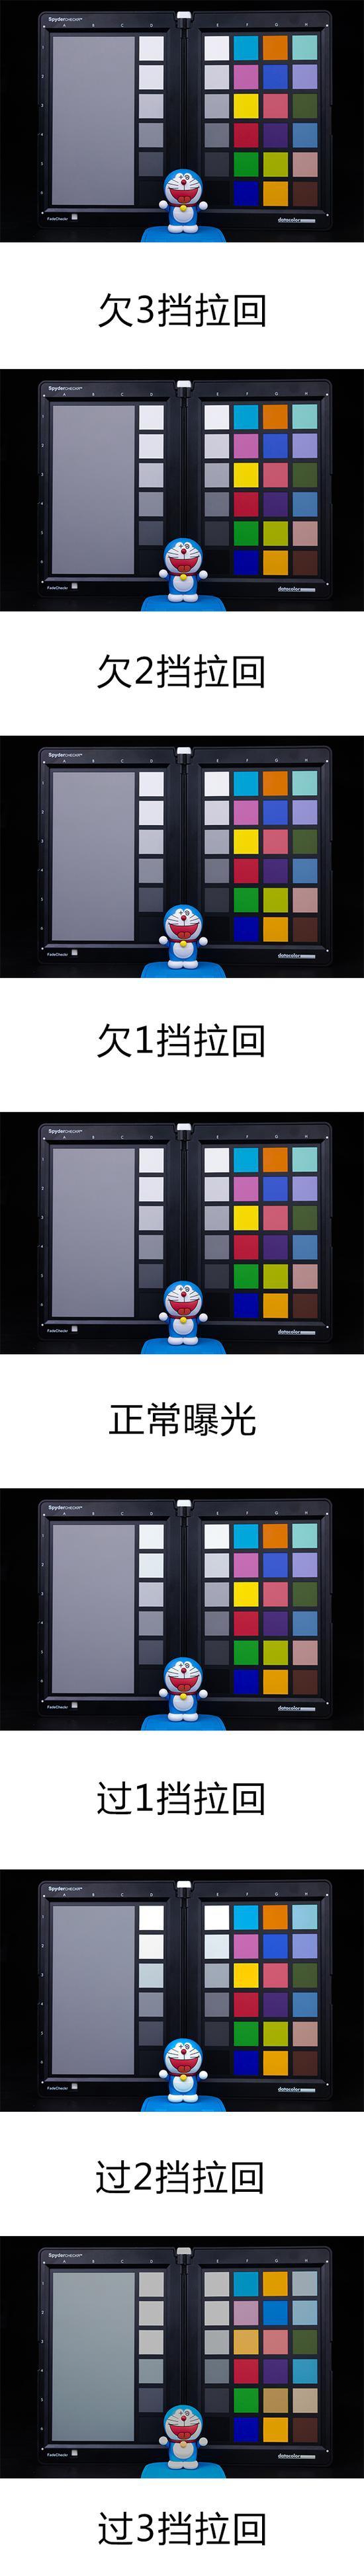 「8彩娱乐场澳门赌场」大中华区销售大降27% 苹果在中国打了败仗?